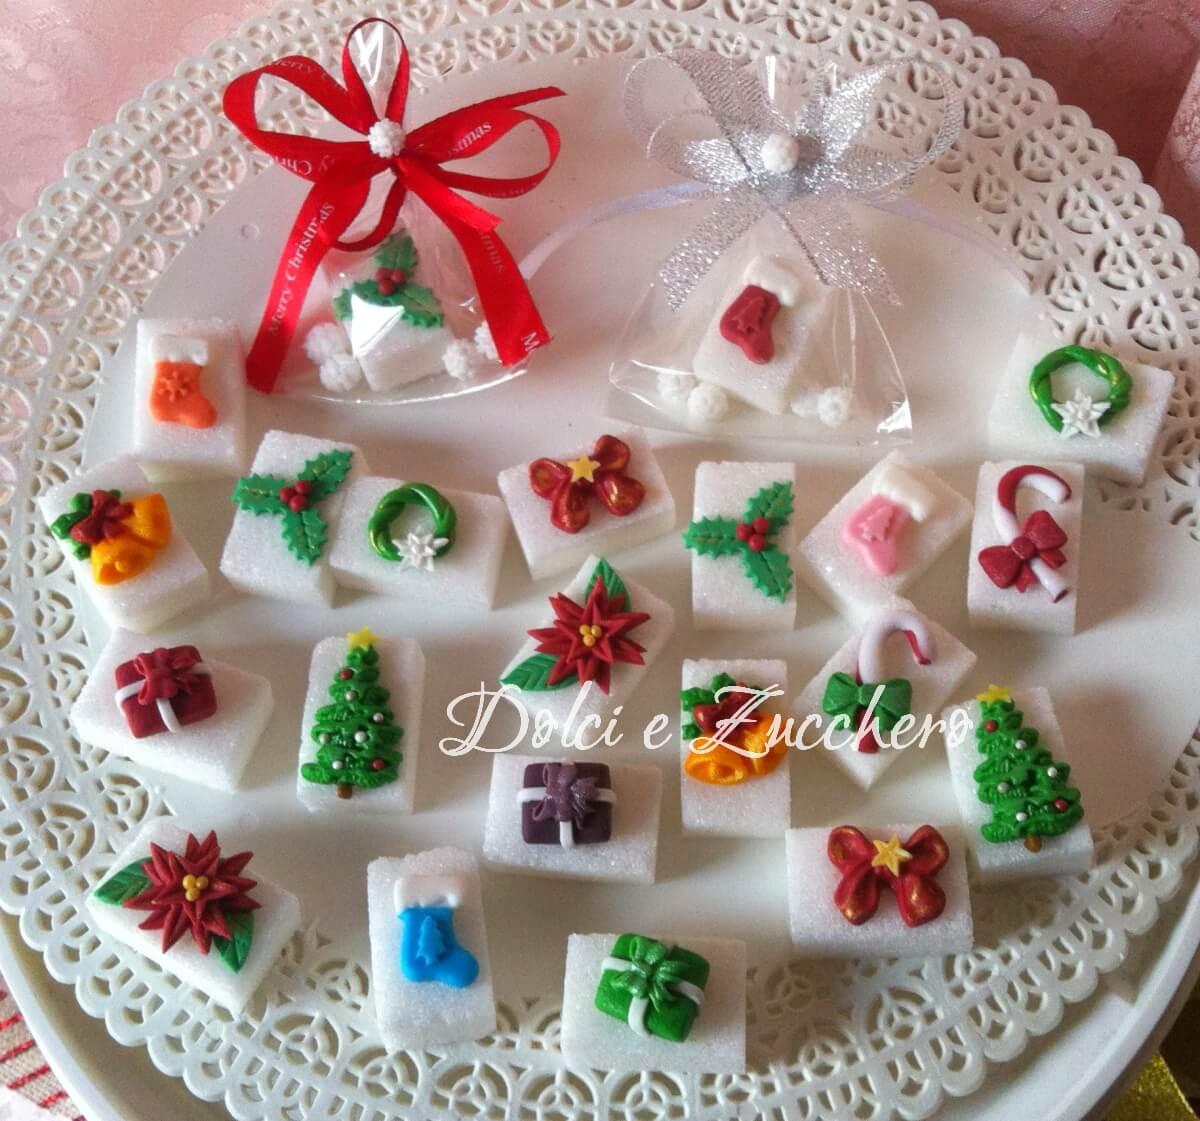 Idee di natale di zucchero originali dolci e zucchero - Idee cucina per natale ...